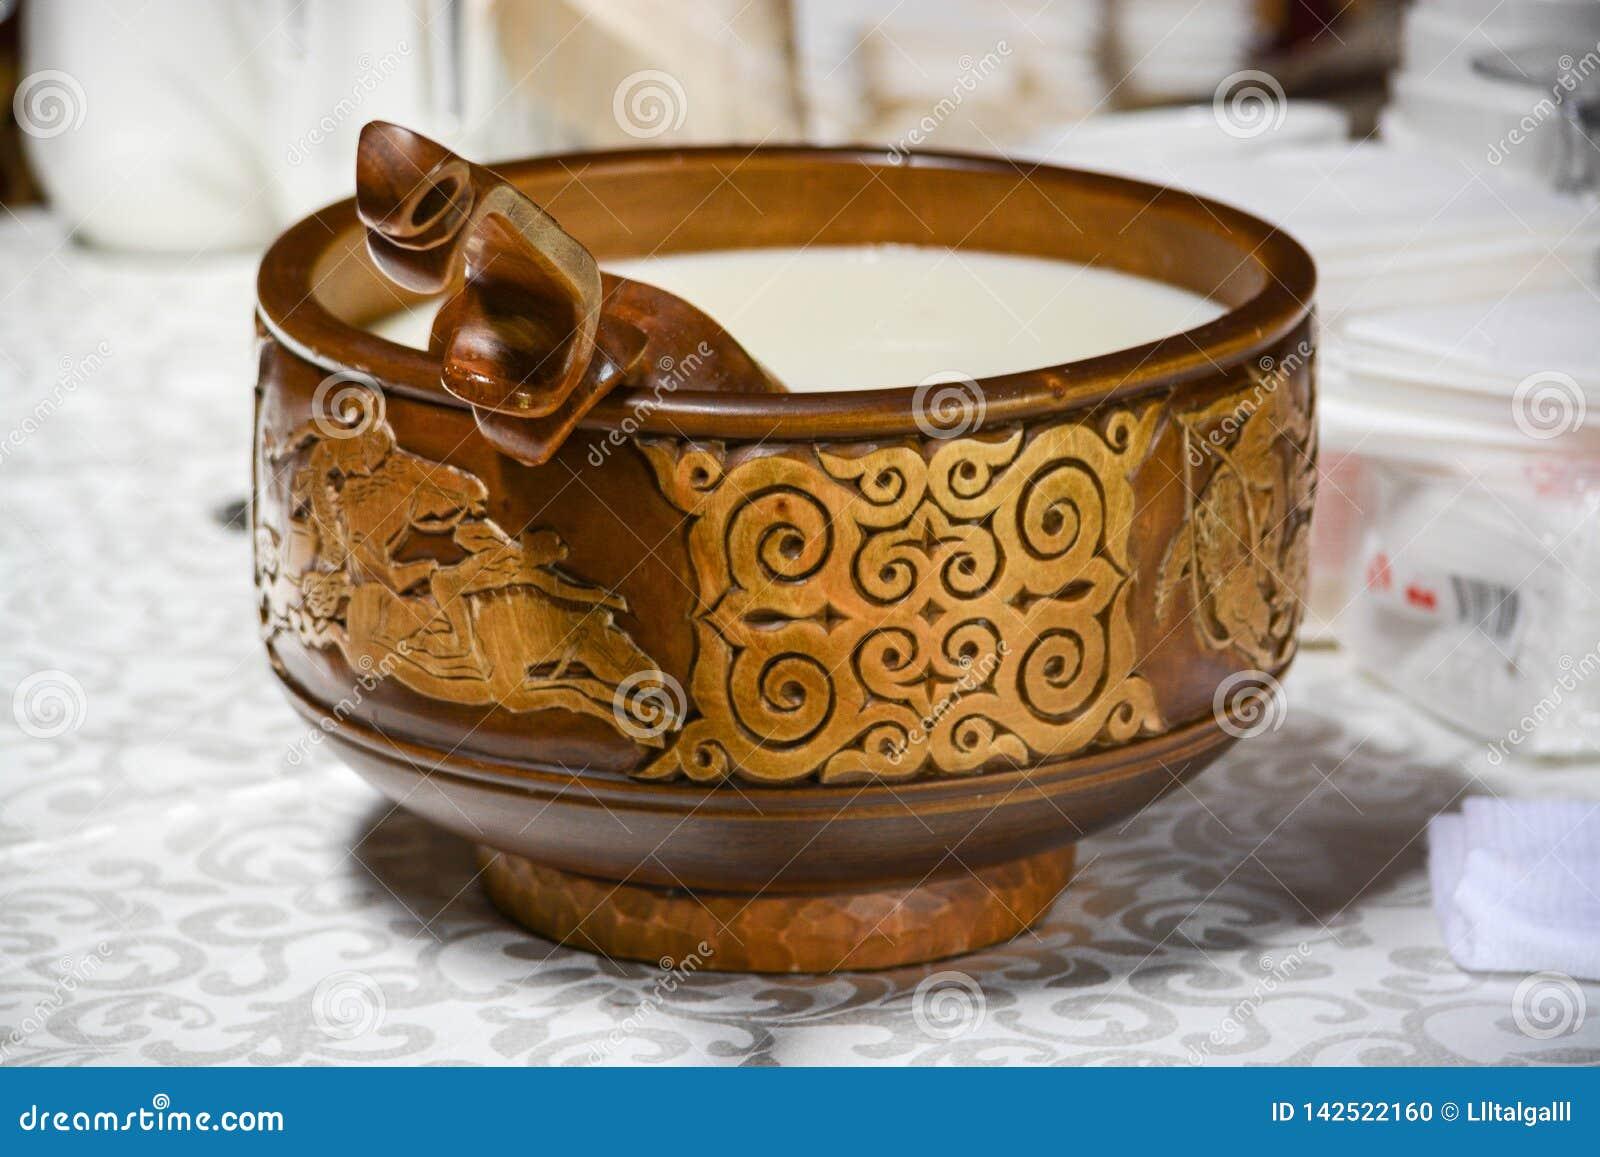 Una tazza di legno con la siviera di un nomade Il latte è versato nella tazza Eredità culturale della gente kazaka